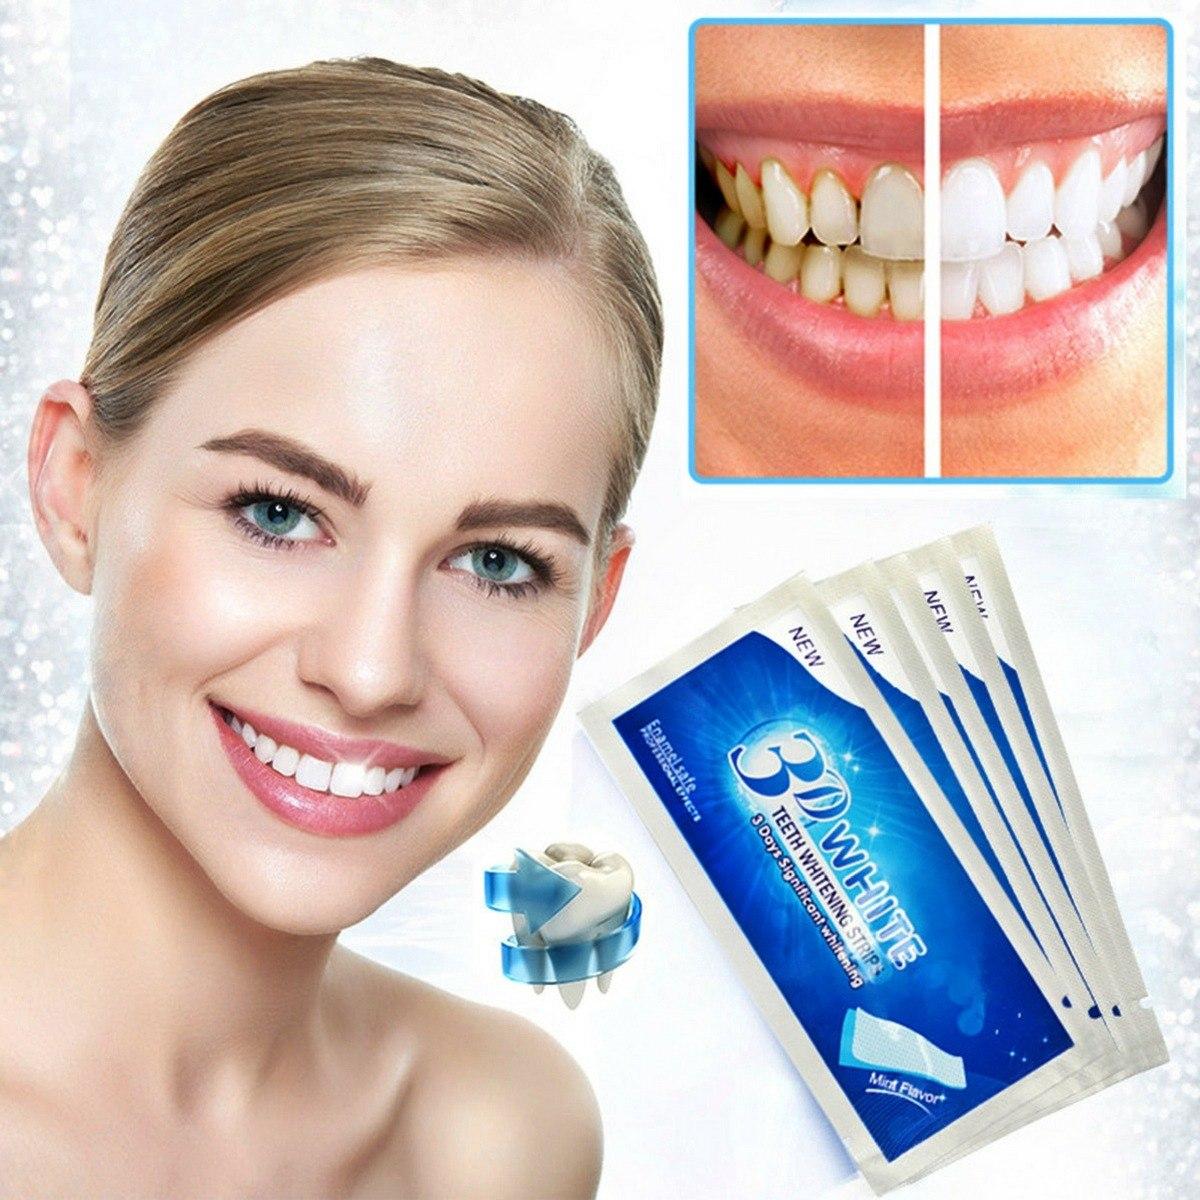 Clareamento Dental Fitas De Gel Adesivas 3d White Original R 49